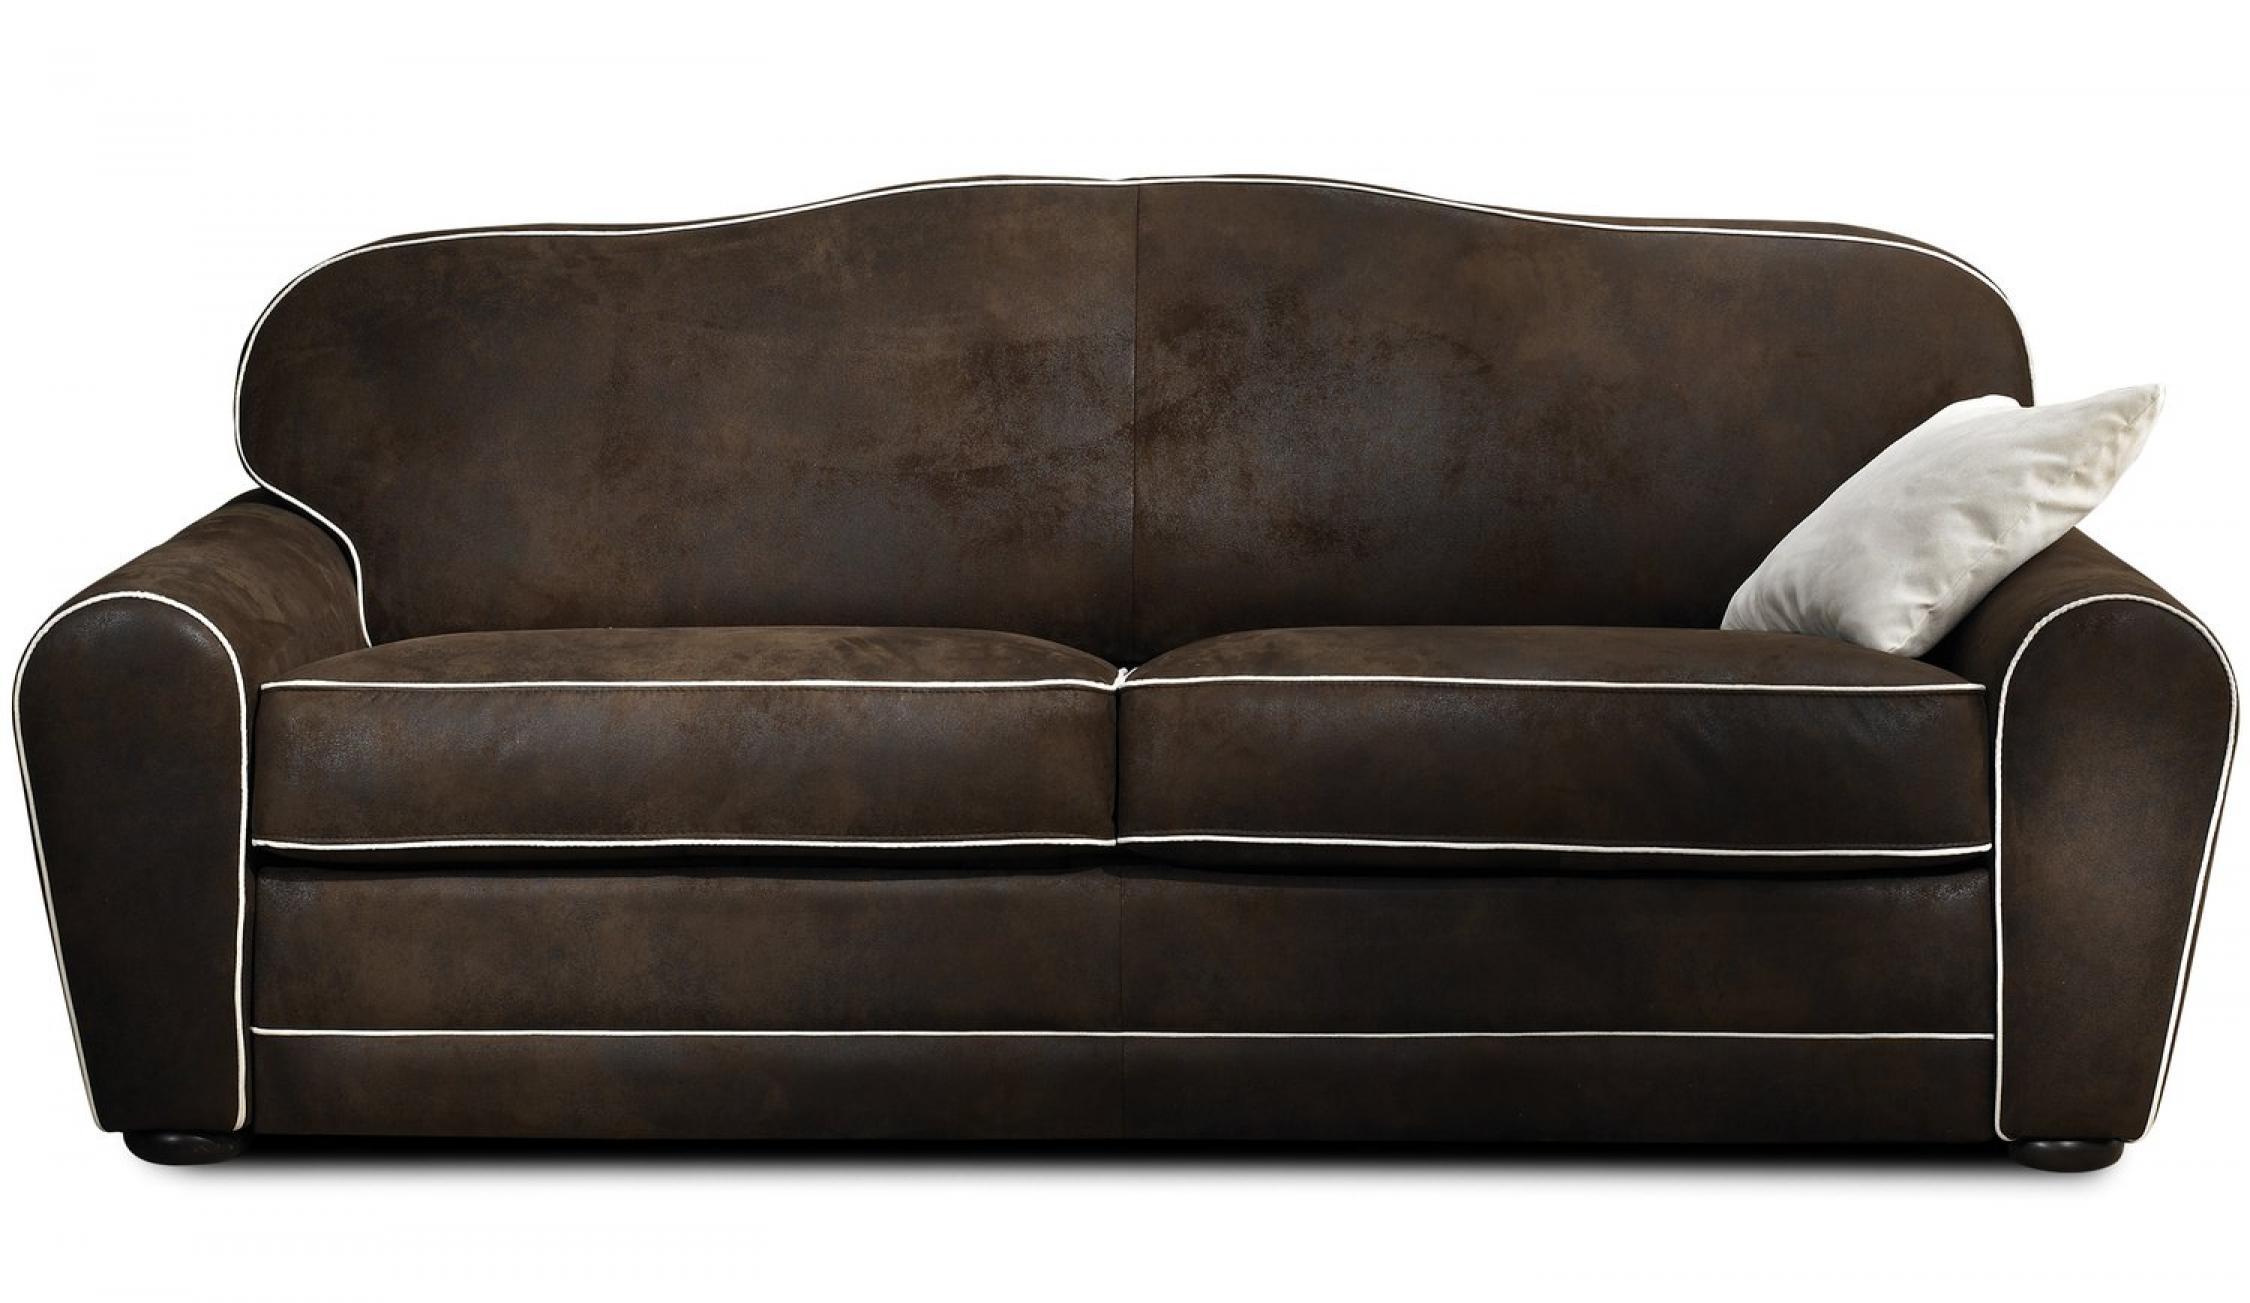 canap convertible le bon coin maison et mobilier d 39 int rieur. Black Bedroom Furniture Sets. Home Design Ideas